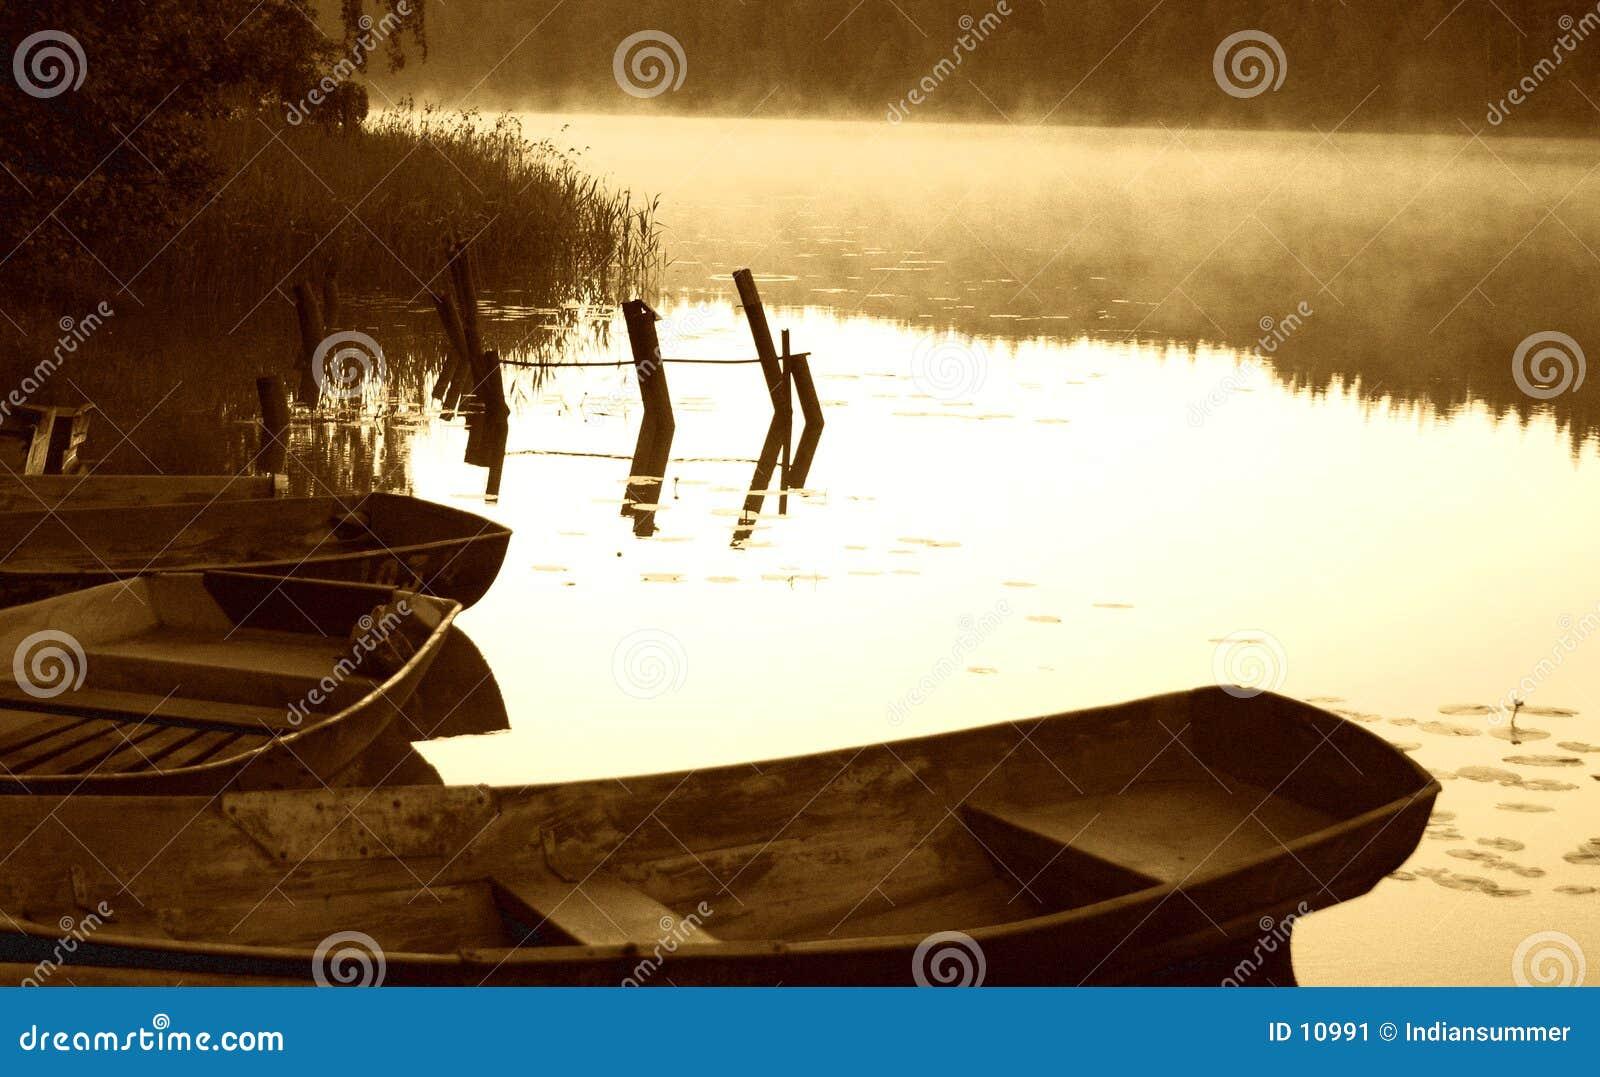 Vroege ochtendschets door het mistige meer met boten